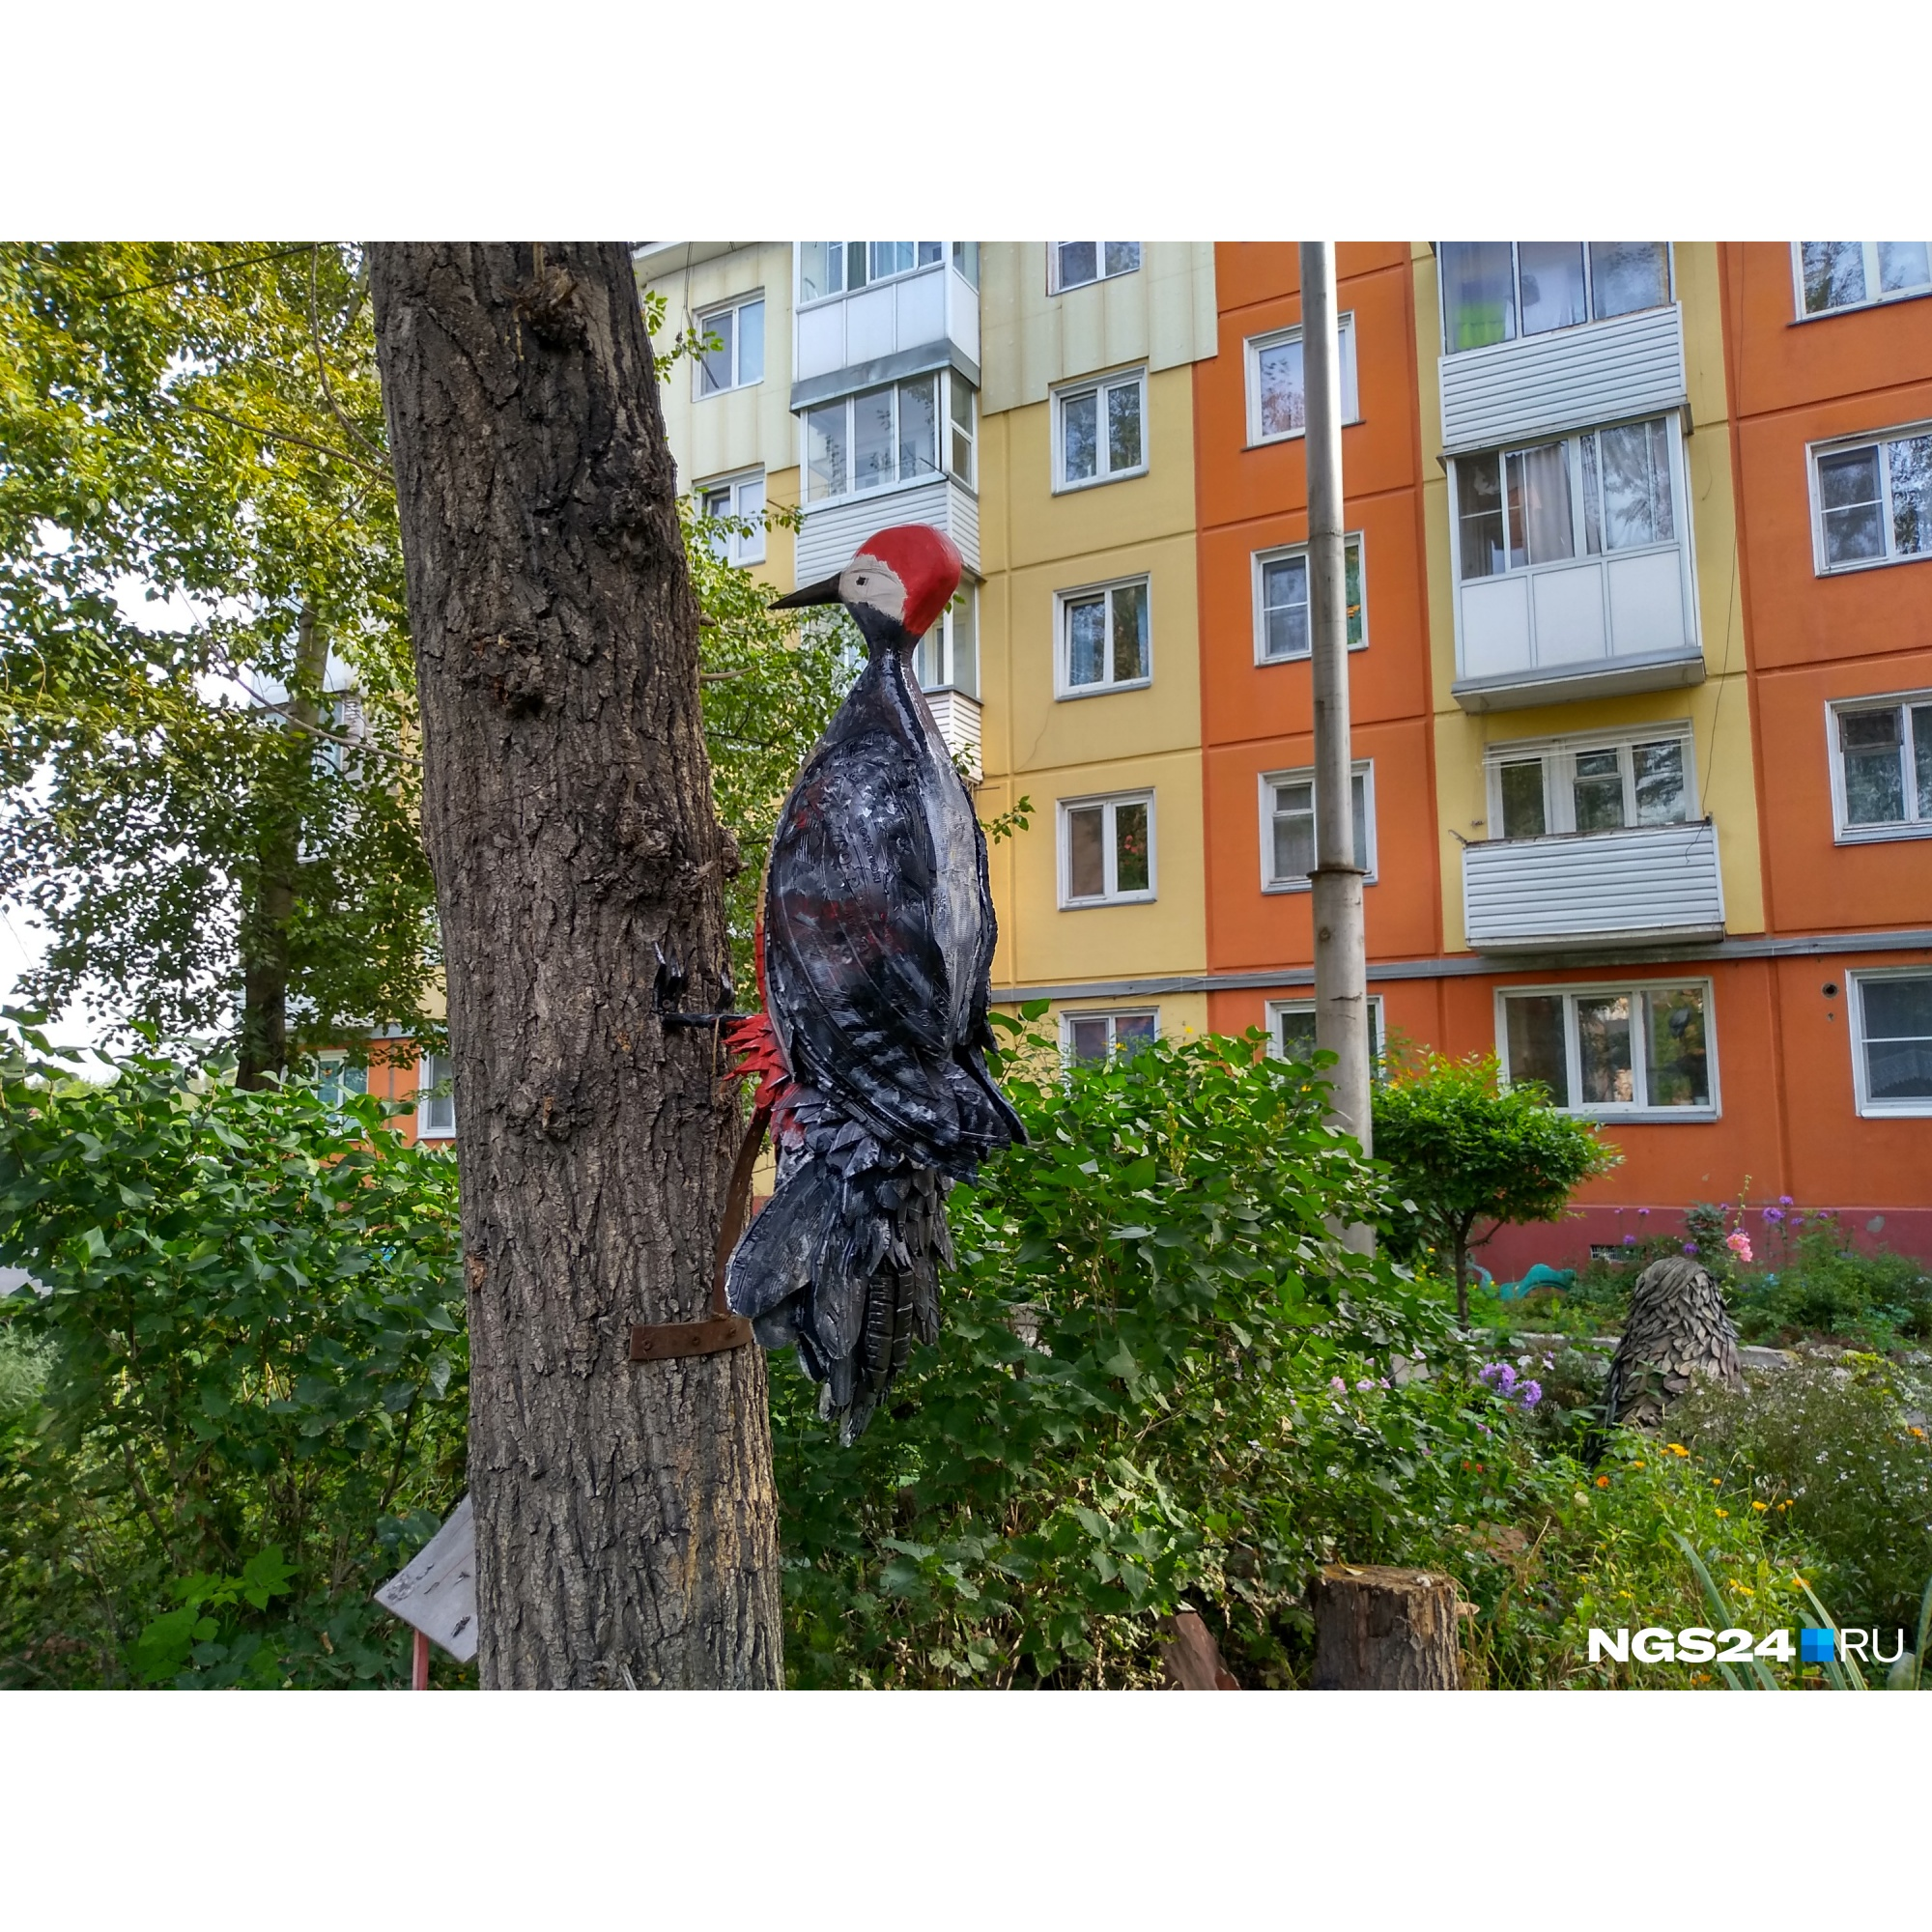 Многие фигуры вписаны в среду. Например, этот дятел из покрышек сидит на стволе дерева